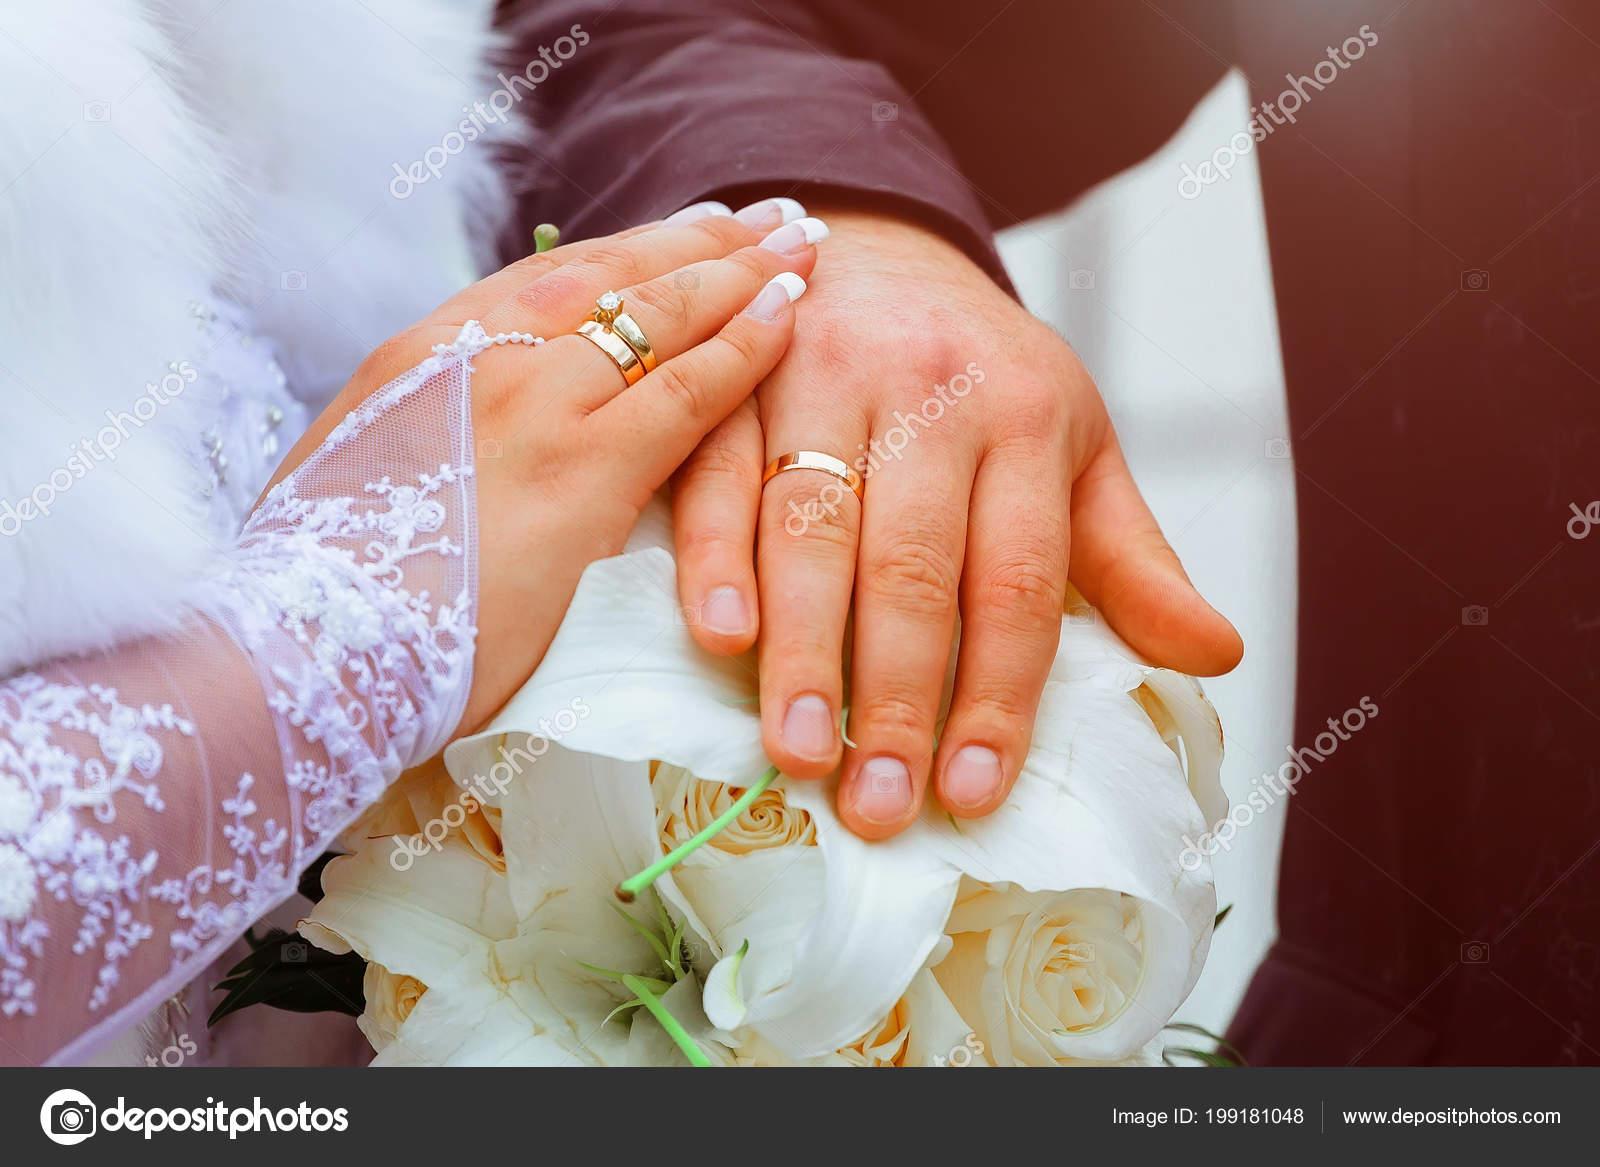 Detail Nevesta Podkoni Ruce Snubni Prsteny Zlaty Prsten Prst